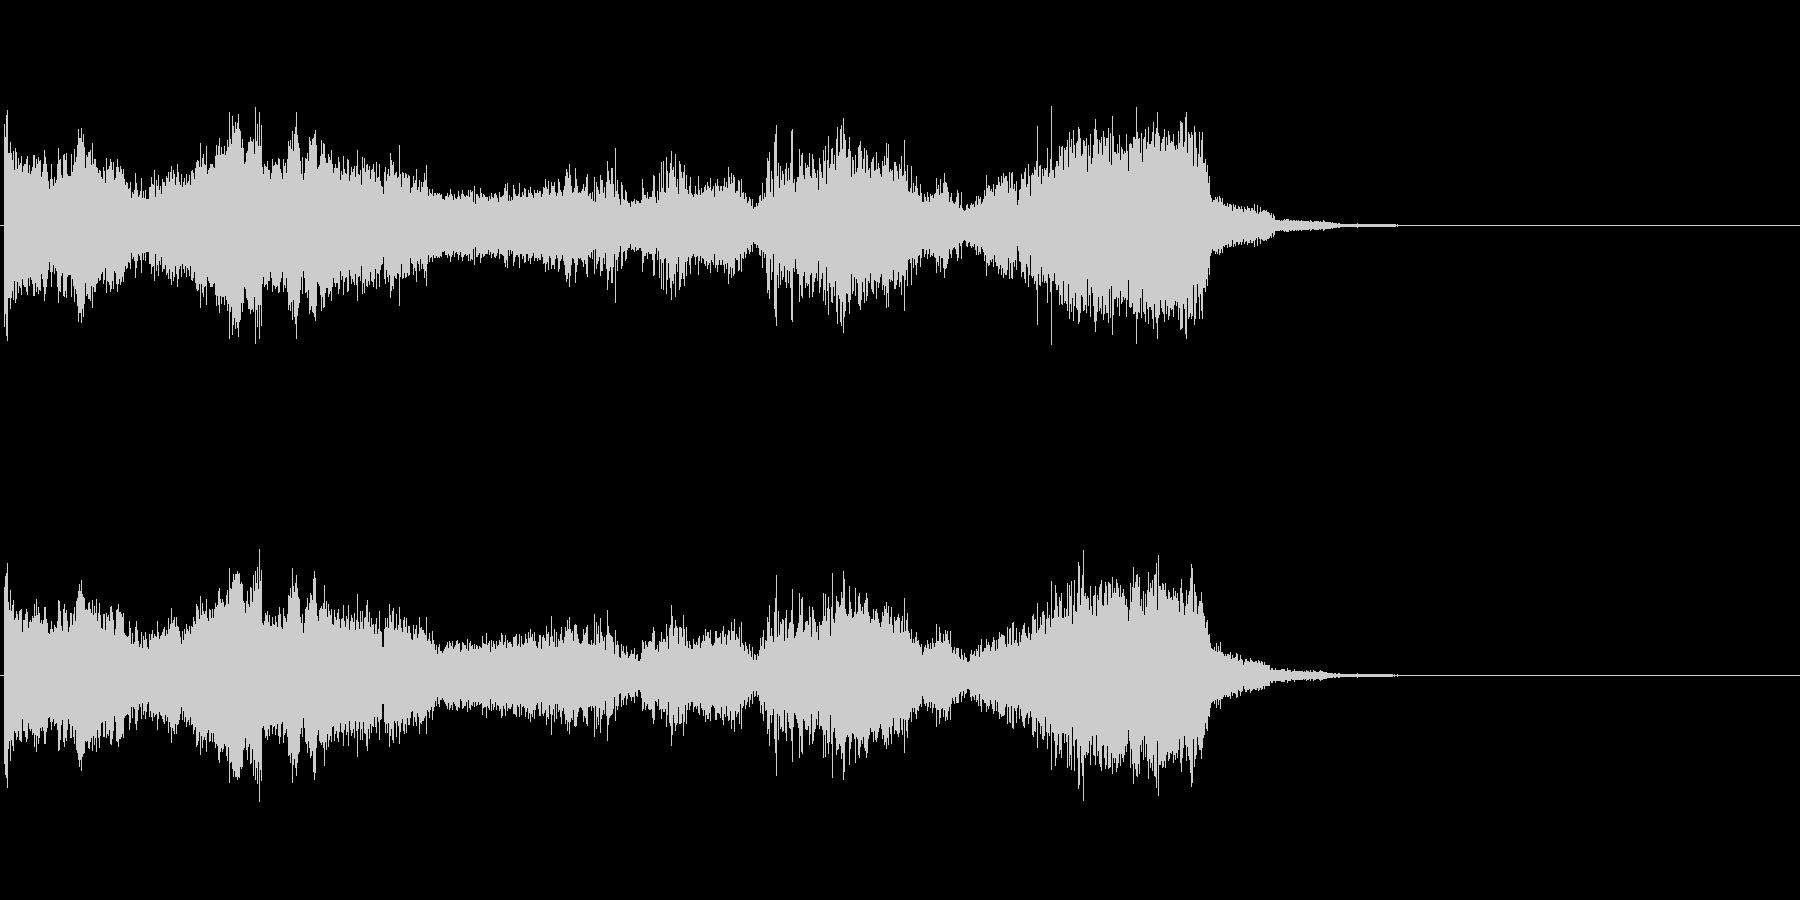 グリッチノイズ。次元の激しい歪みが生じるの未再生の波形